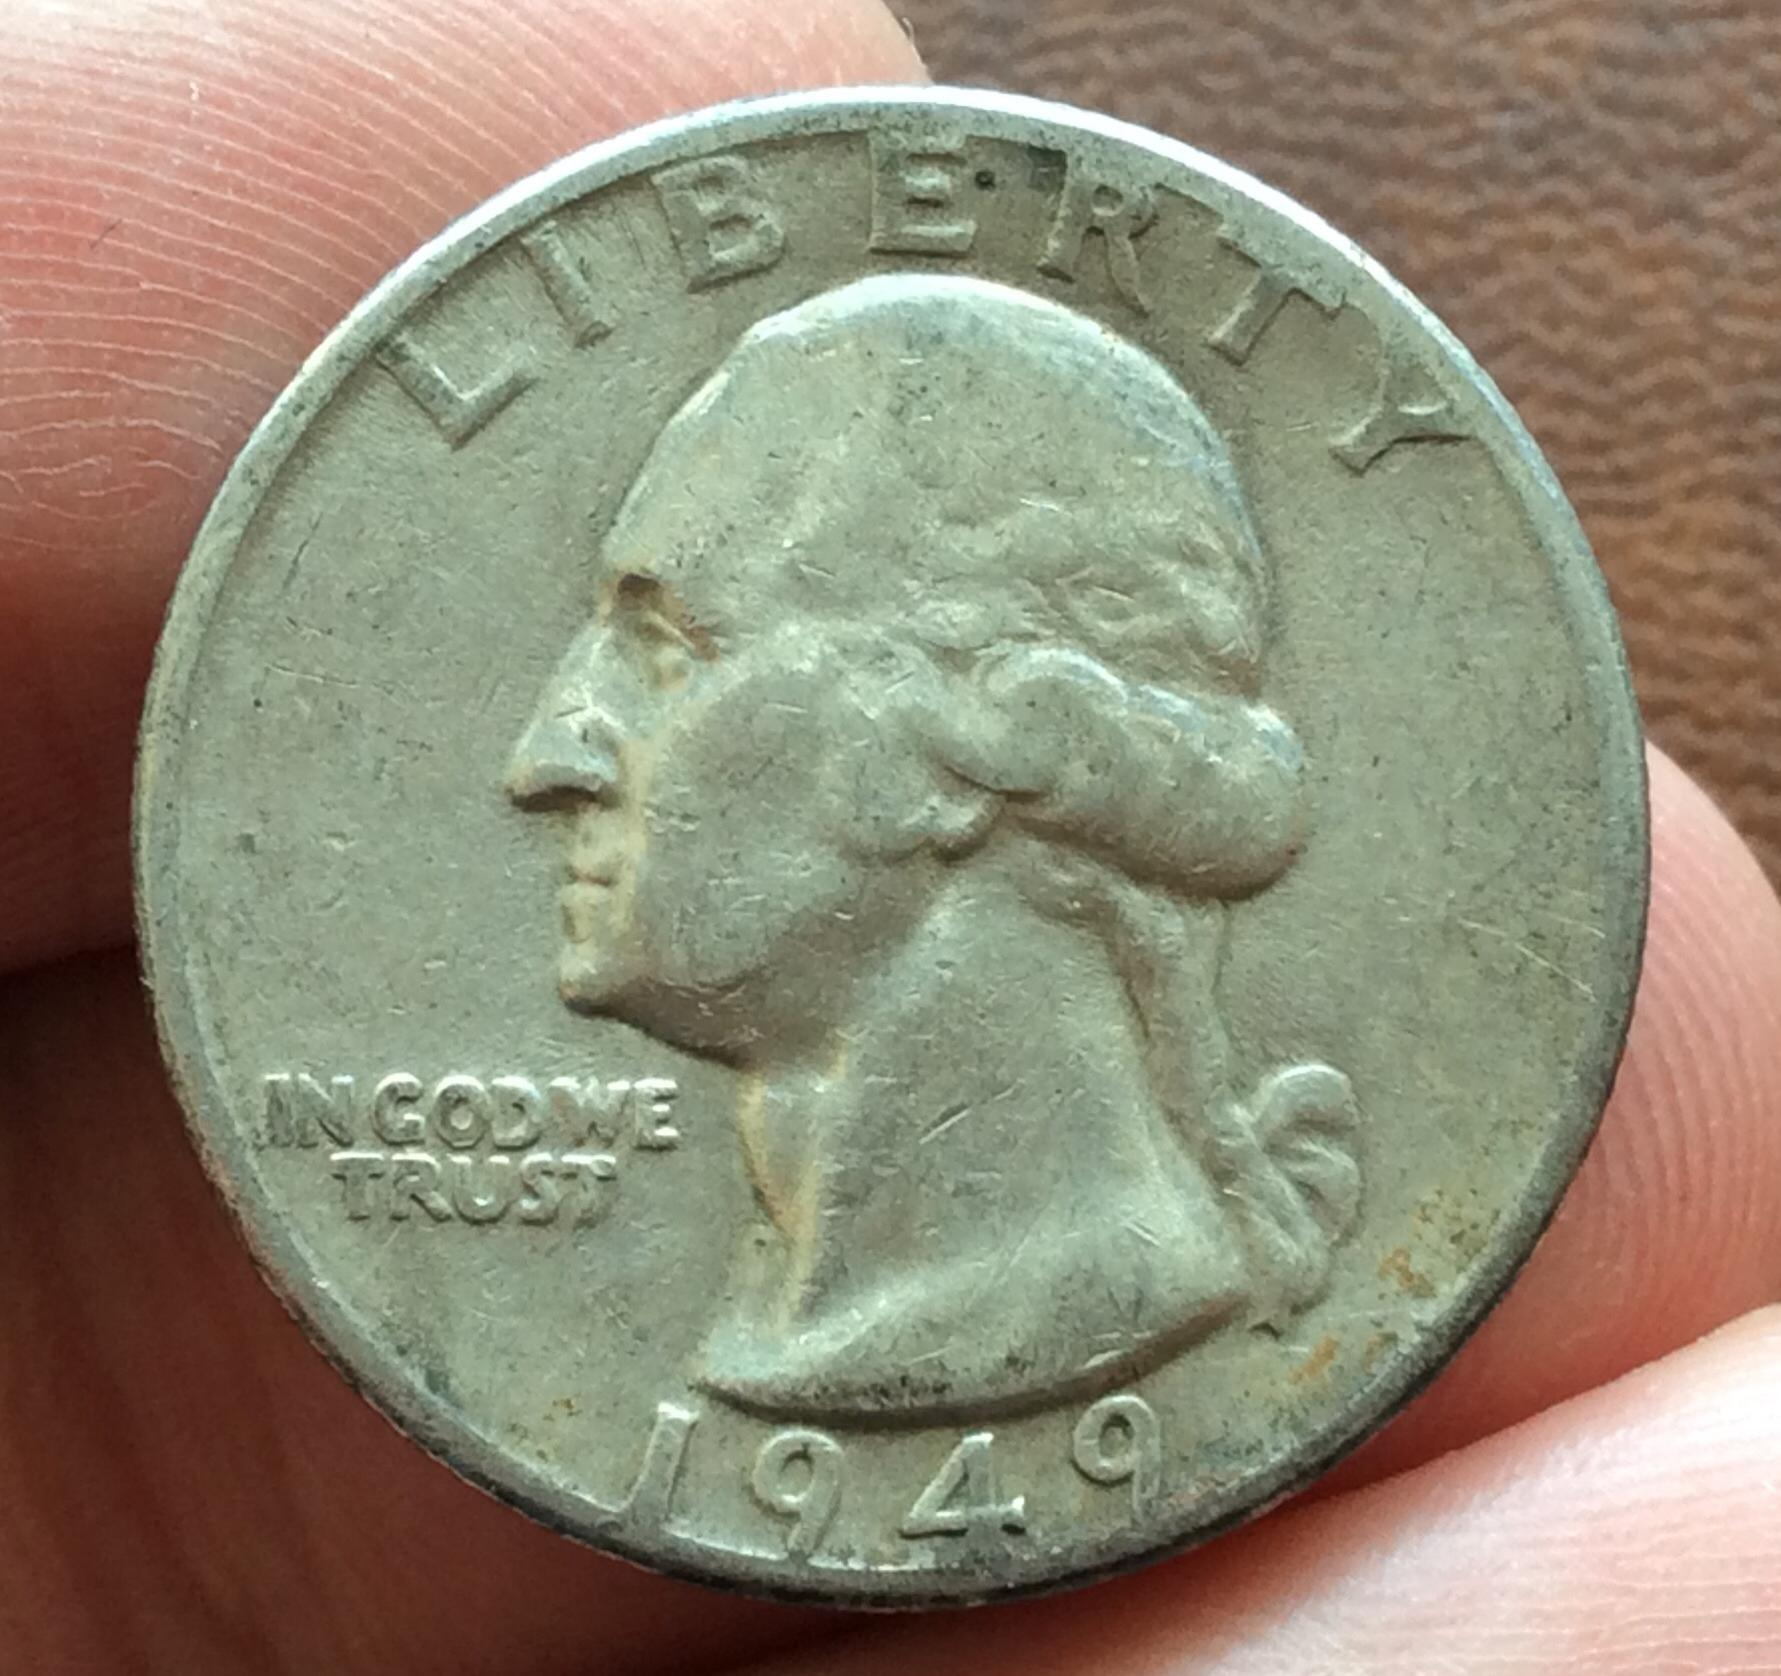 QUARTER DOLLAR DE PLATA DE 1949 - G. WASHINGTON - PHILADELFIA